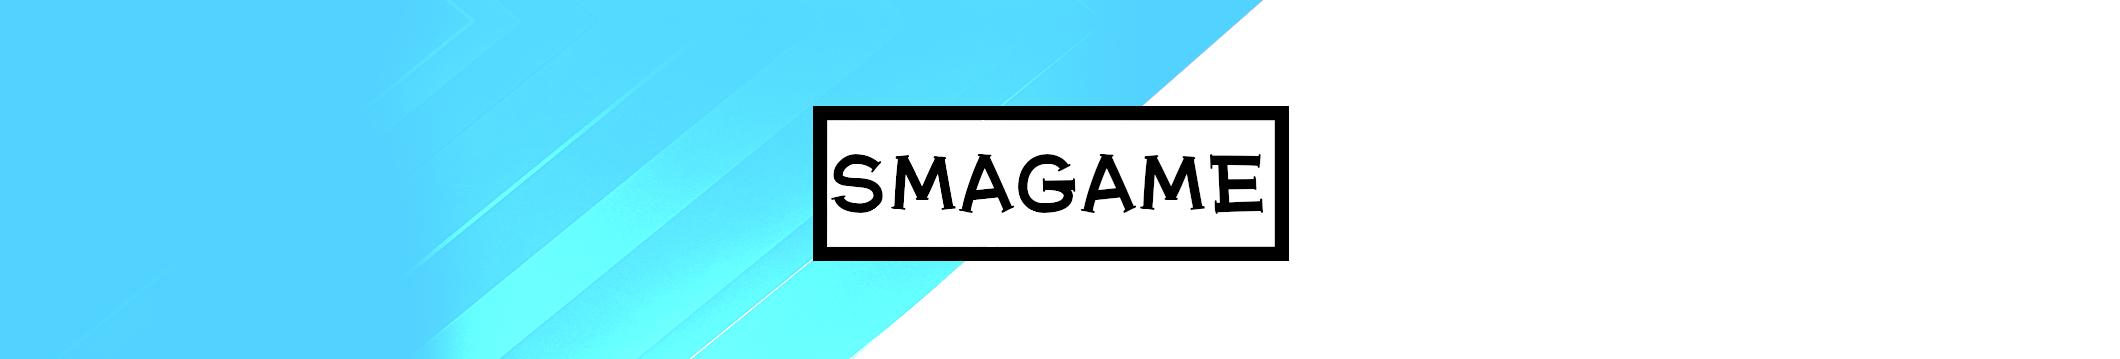 スマゲー:スマホ・ブラウザゲーム情報サイト